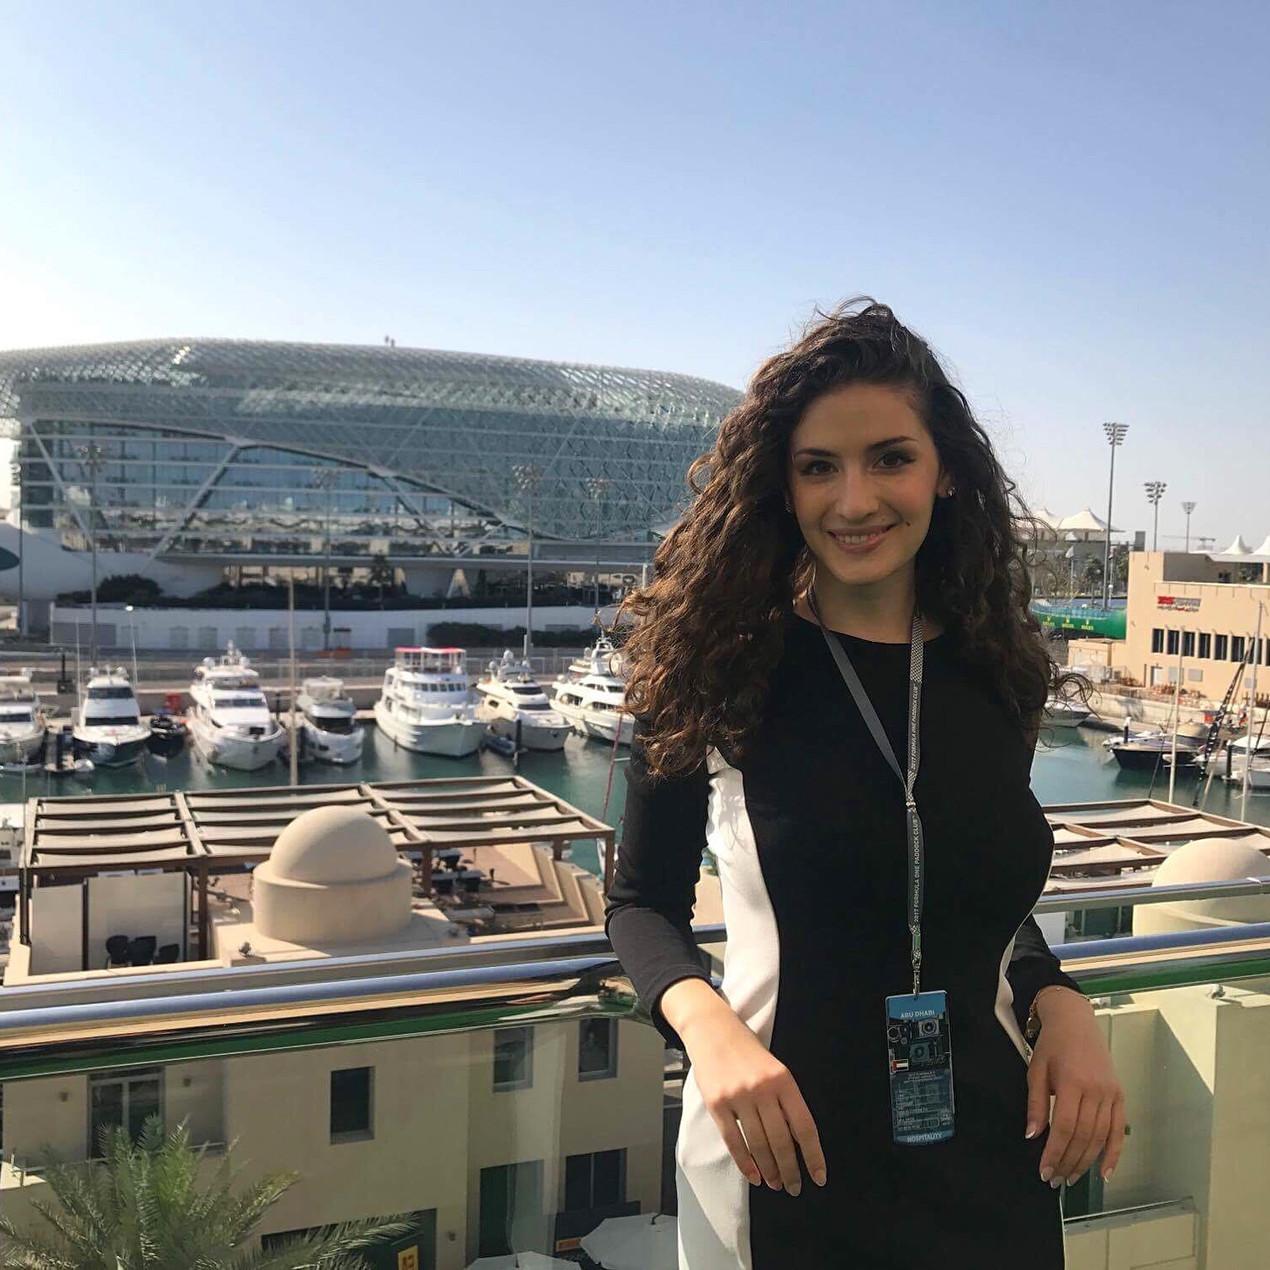 Formula One Day at Yas Marina